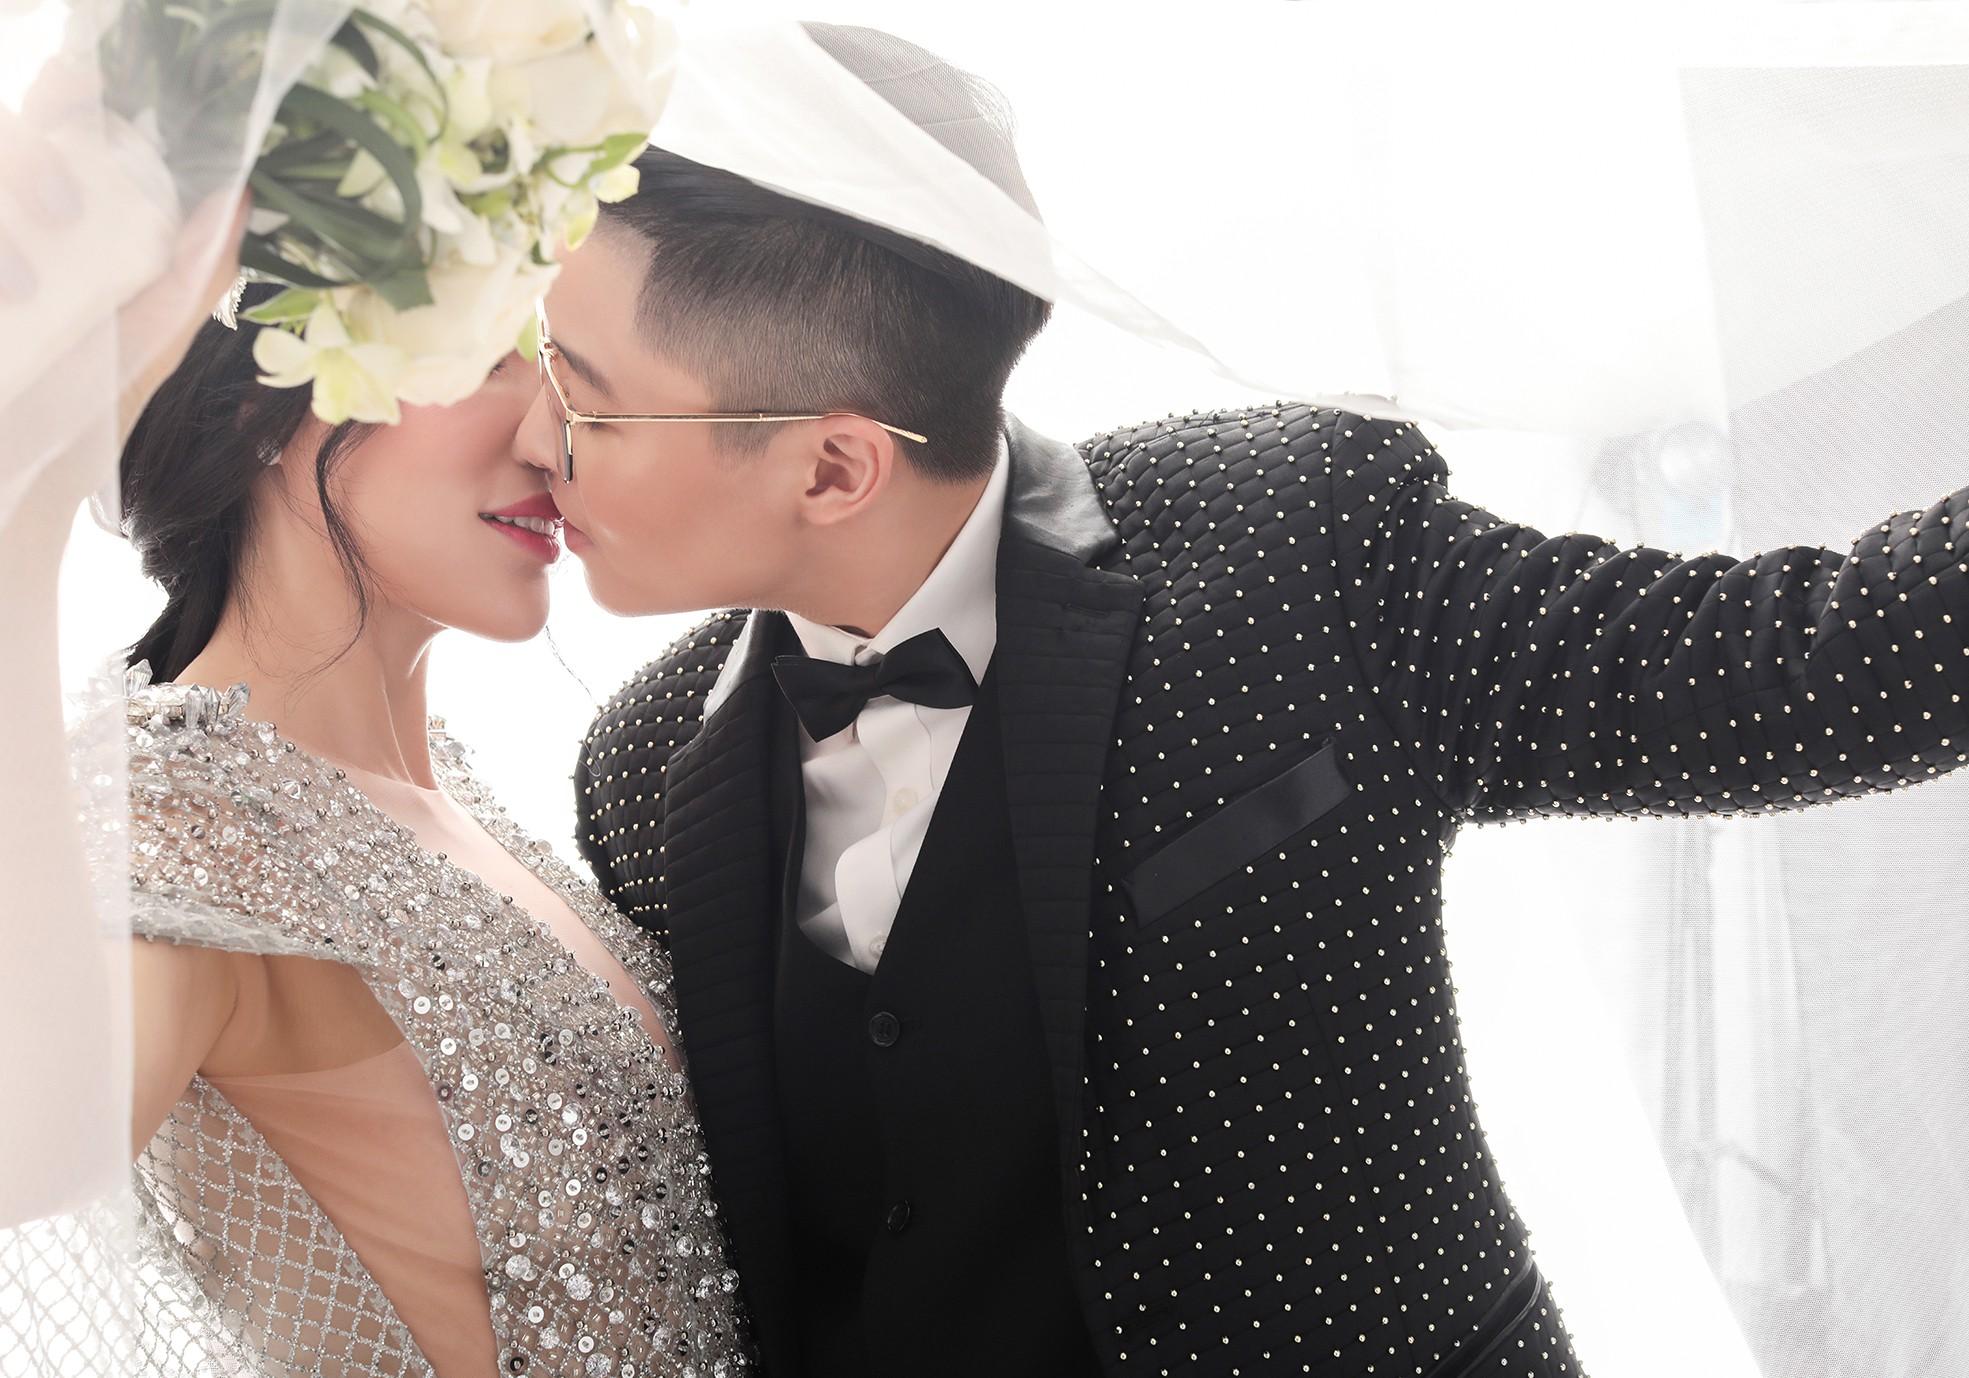 9X chuyển giới Tú Lơ Khơ cưới vợ hơn 21 tuổi, tiết lộ đang trong quá trình chuẩn bị có con chung - Ảnh 6.